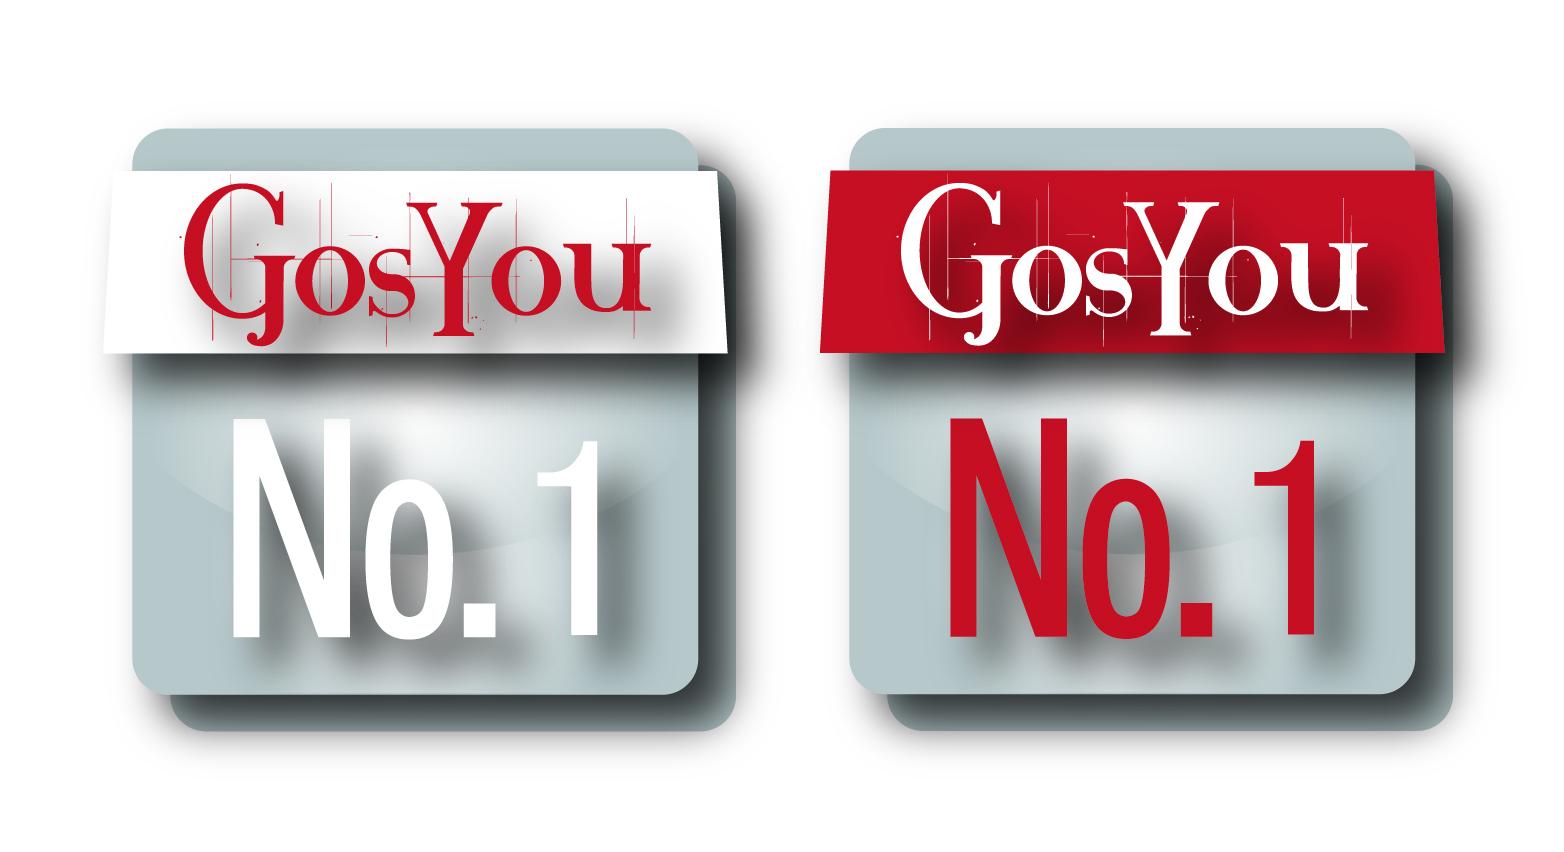 Логотип, фир. стиль и иконку для социальной сети GosYou фото f_507a483935714.jpg